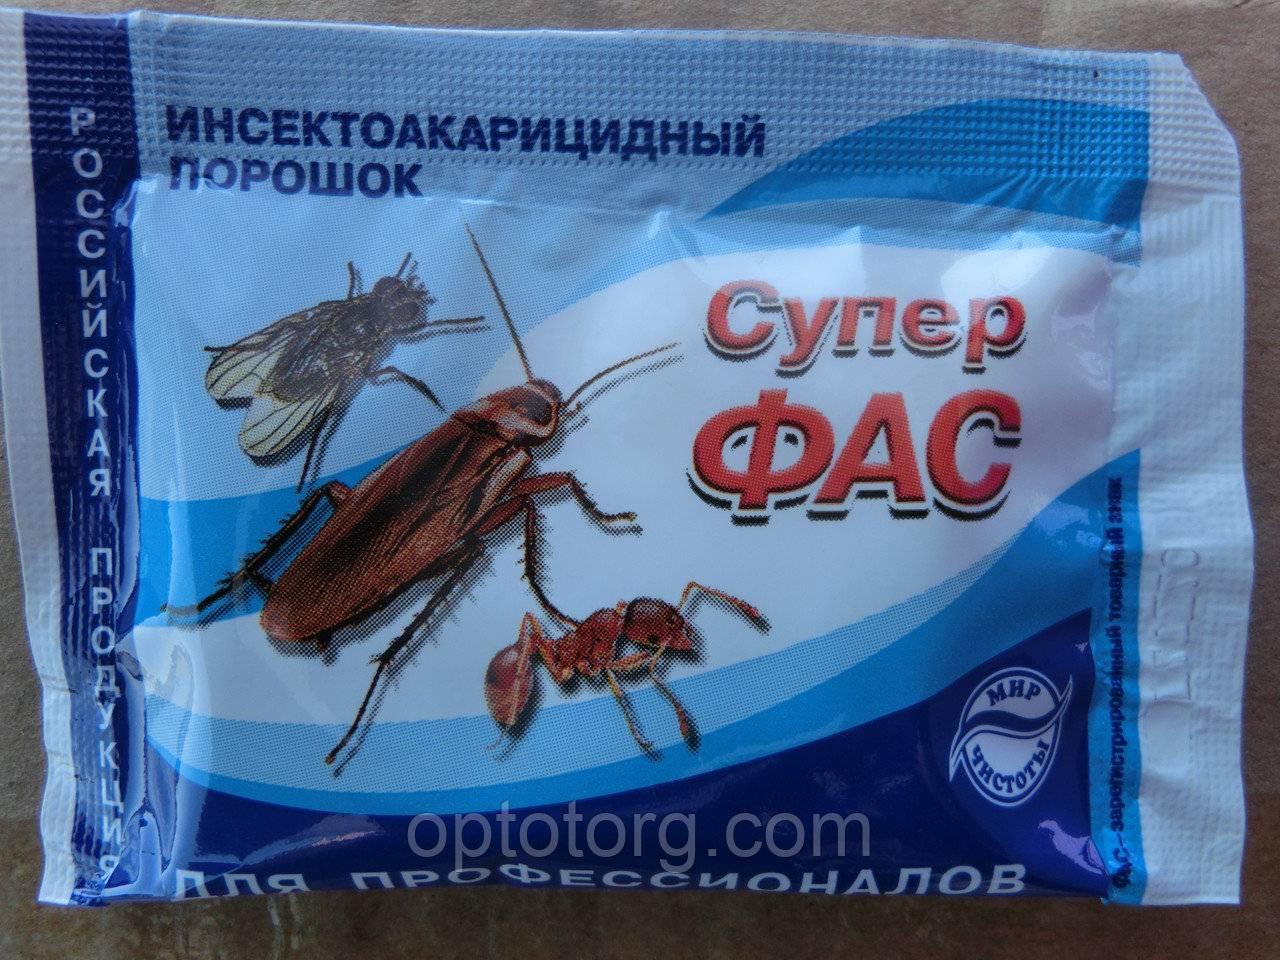 Супер фас от тараканов: описание средства и инструкция по применению